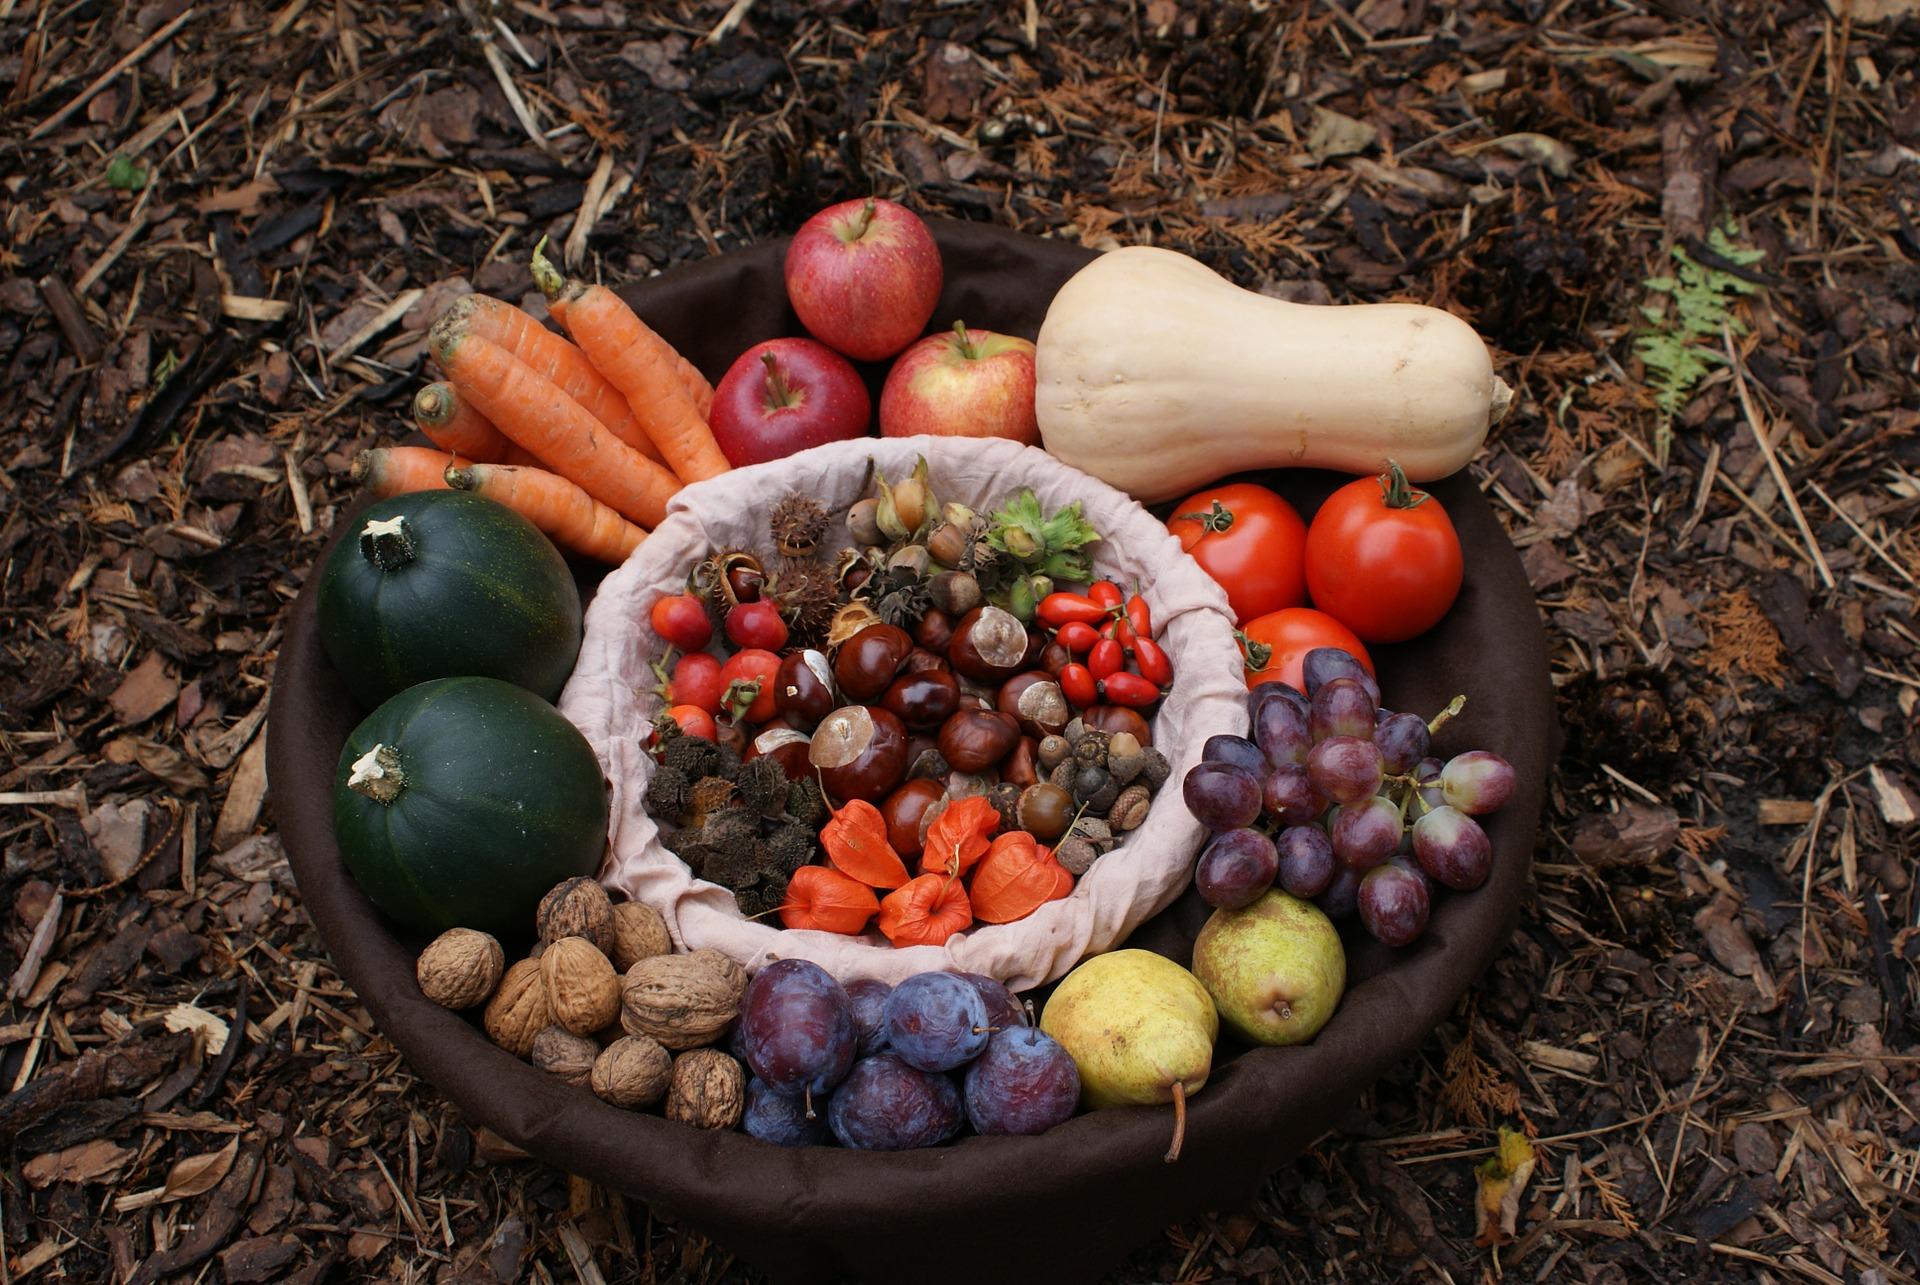 Nachhaltigkeit im Herbst: Saisonales Obst und Gemüse